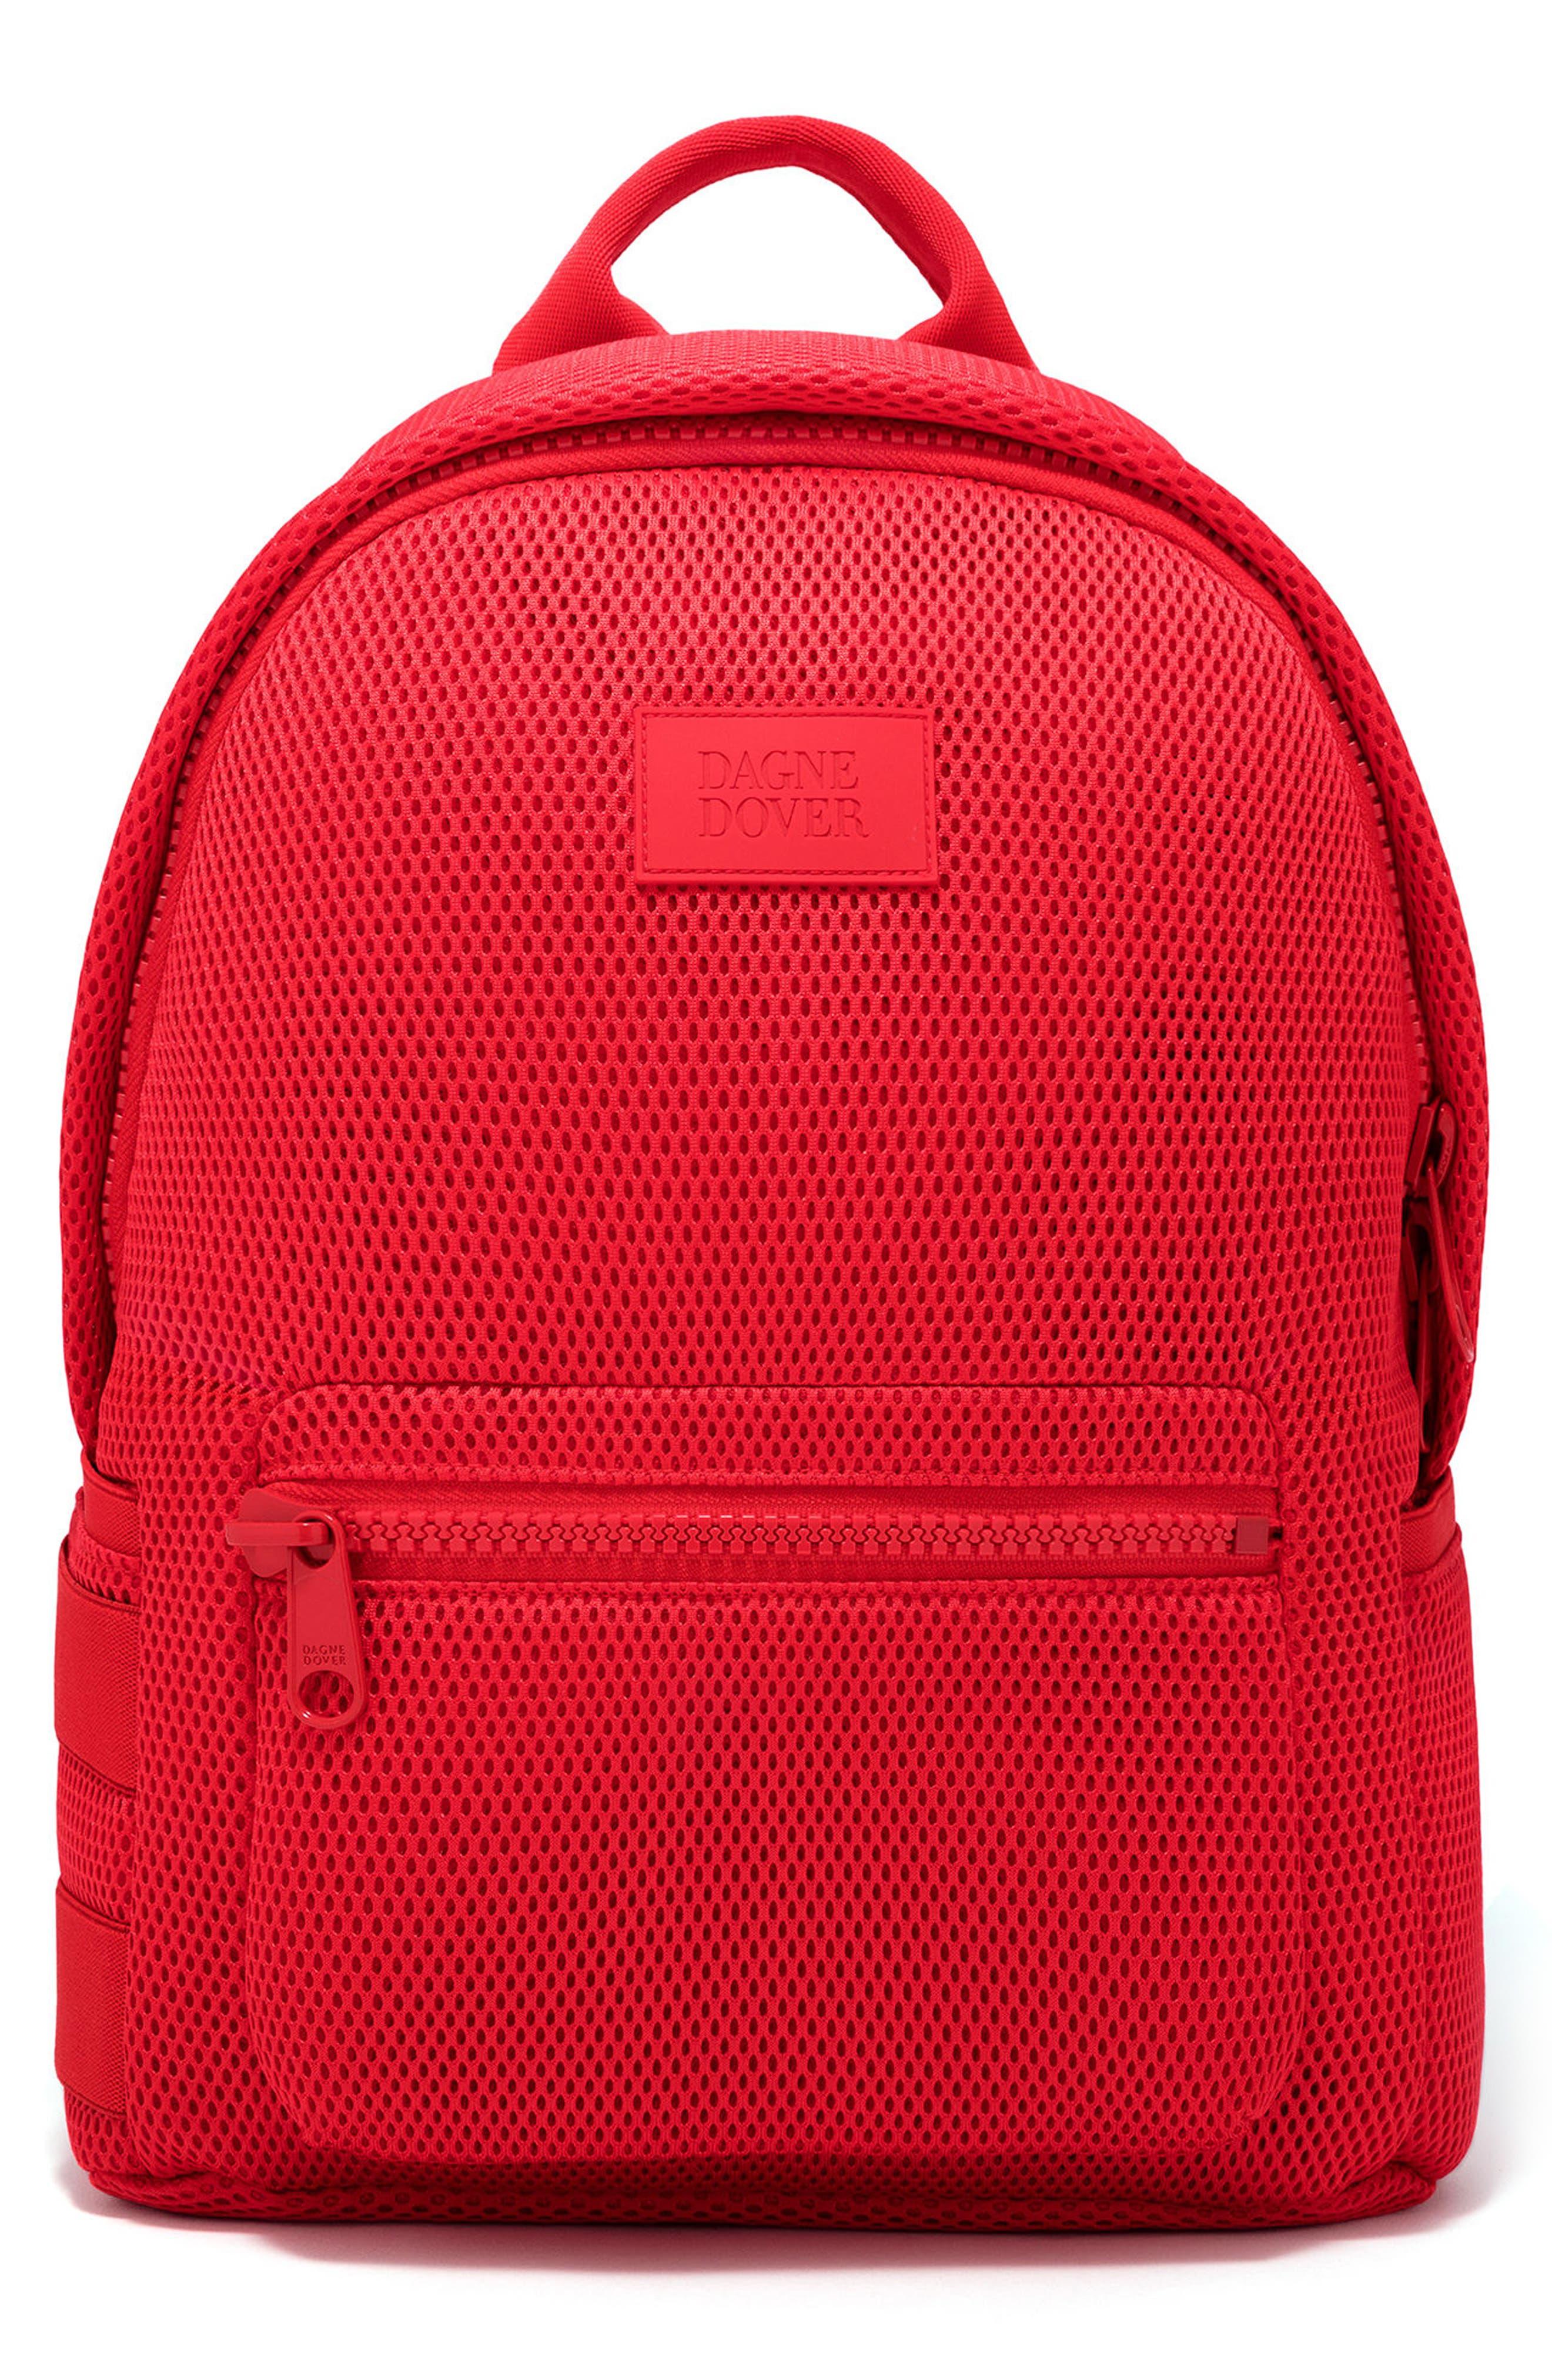 365 Dakota Neoprene Backpack,                             Main thumbnail 10, color,